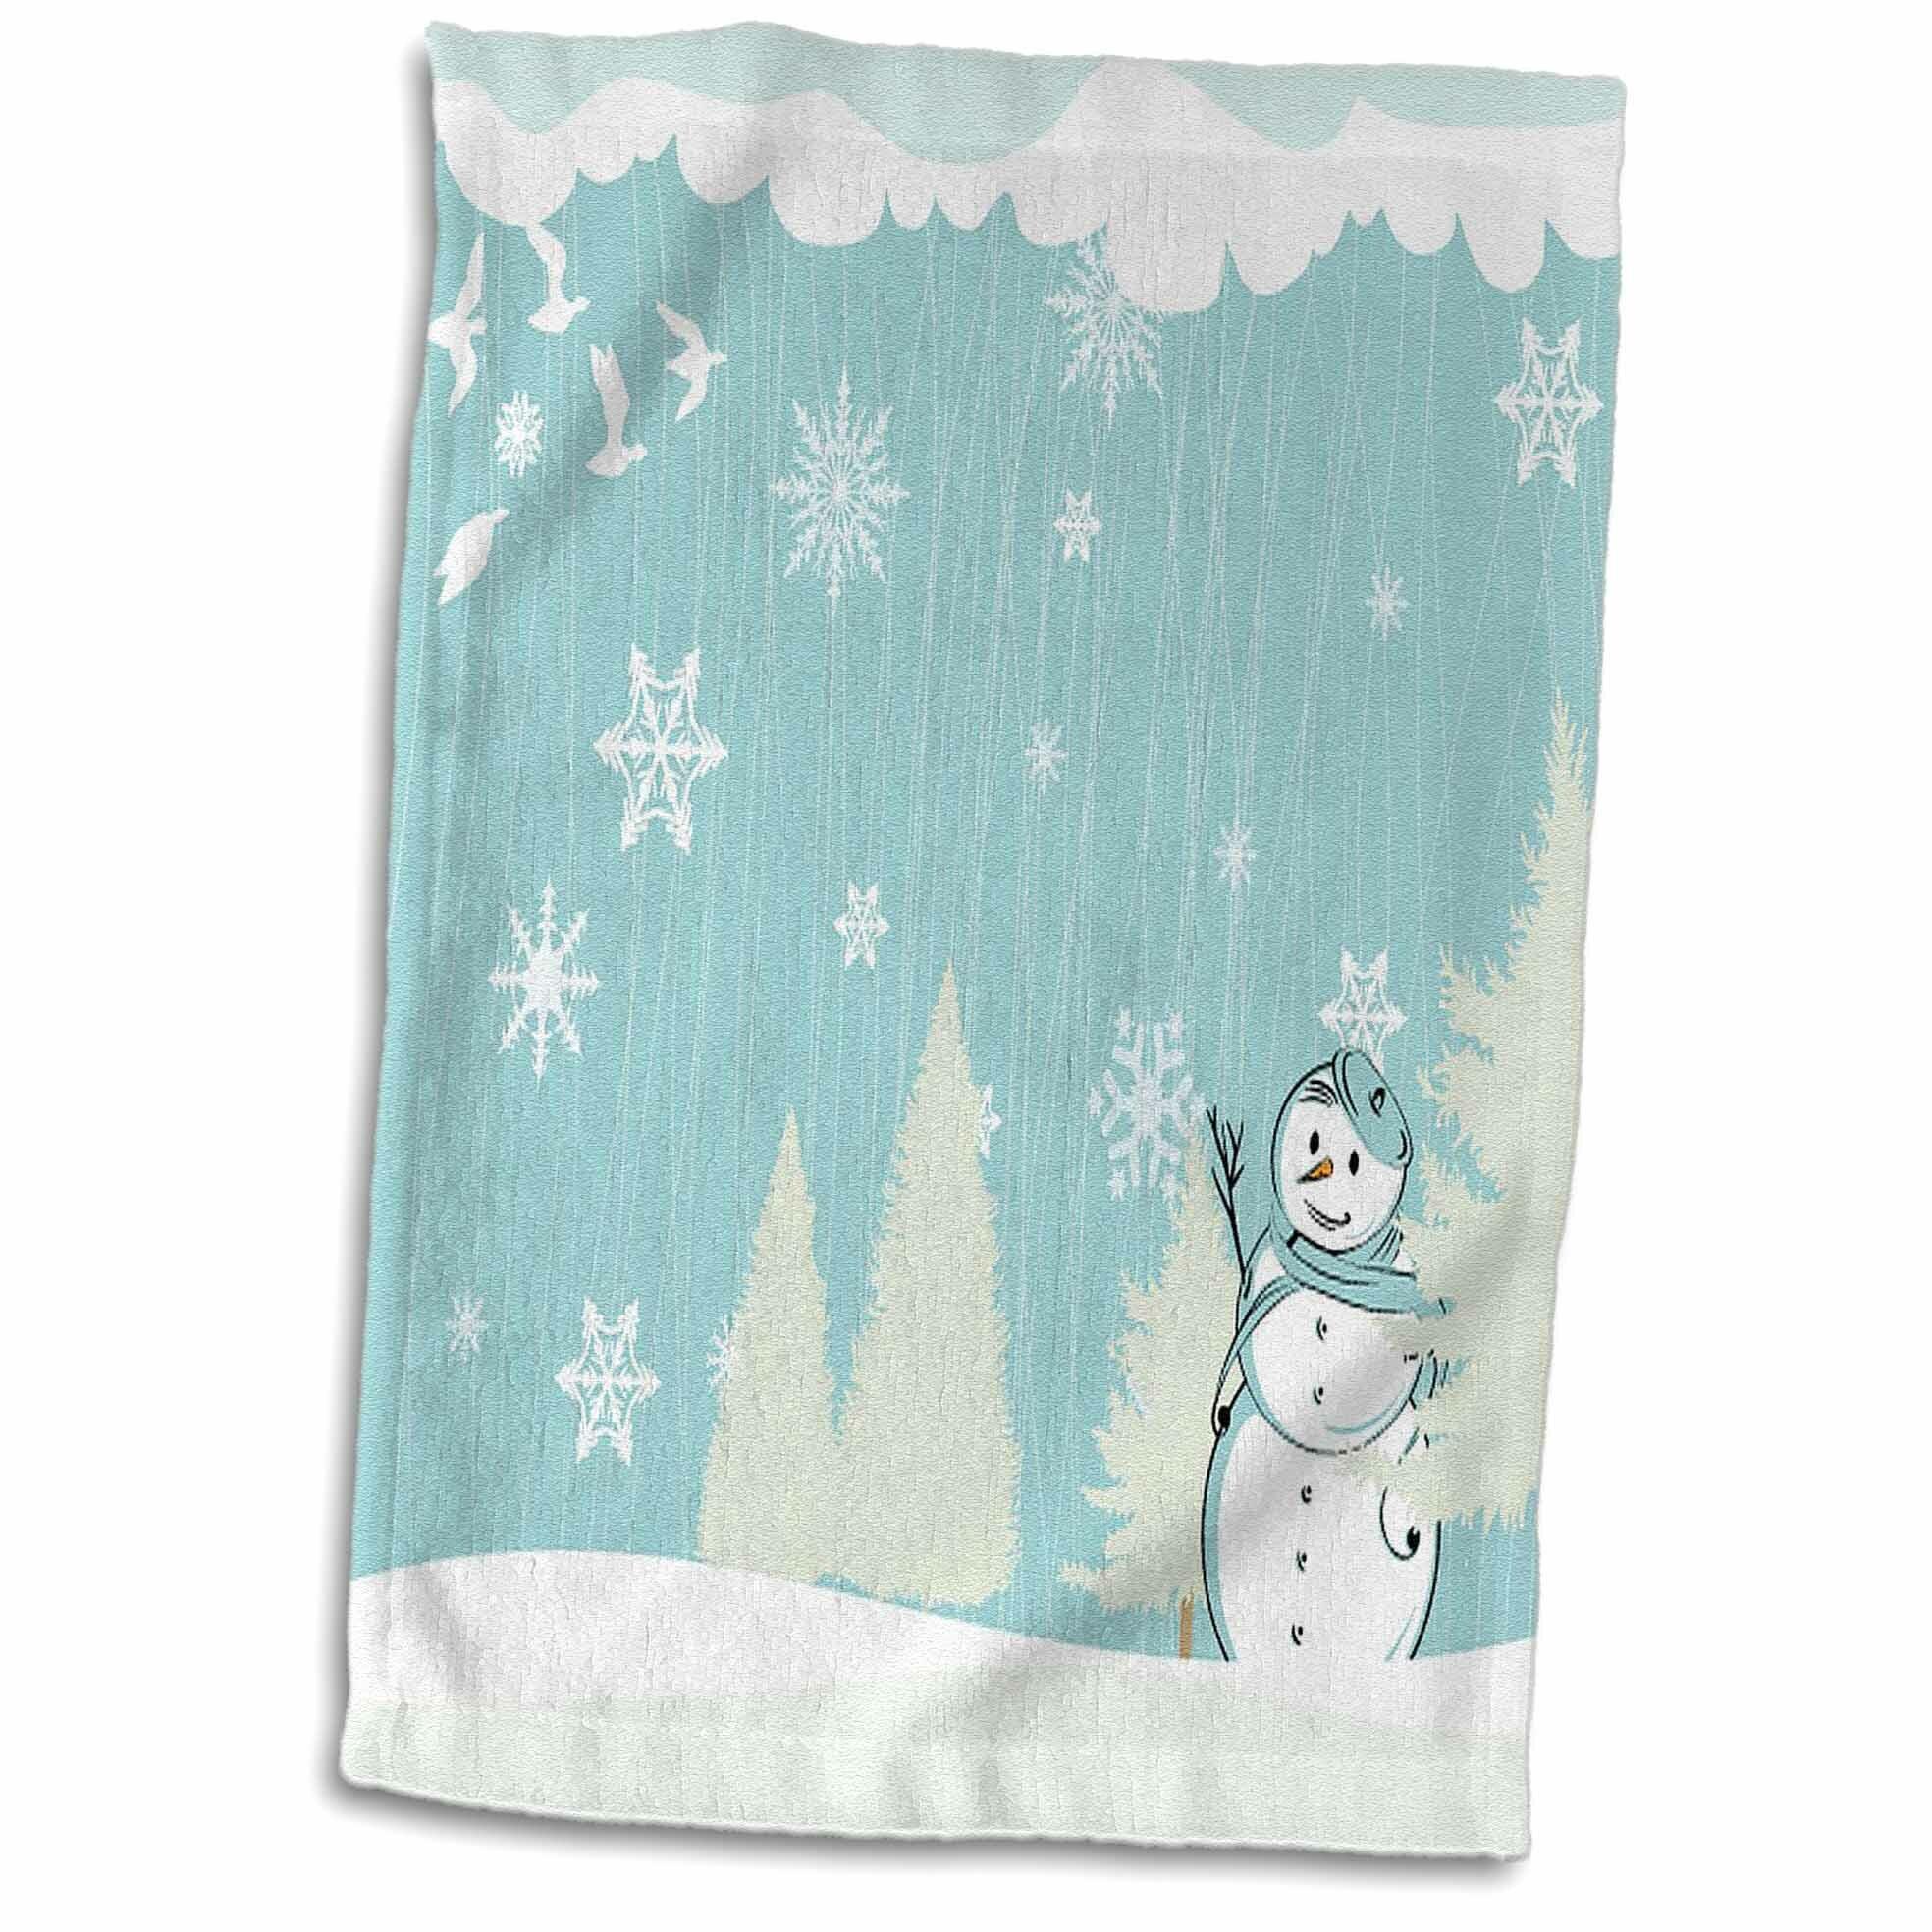 Symple Stuff Lesko Pretty Snowman In A Winter Scene Hand Towel Wayfair